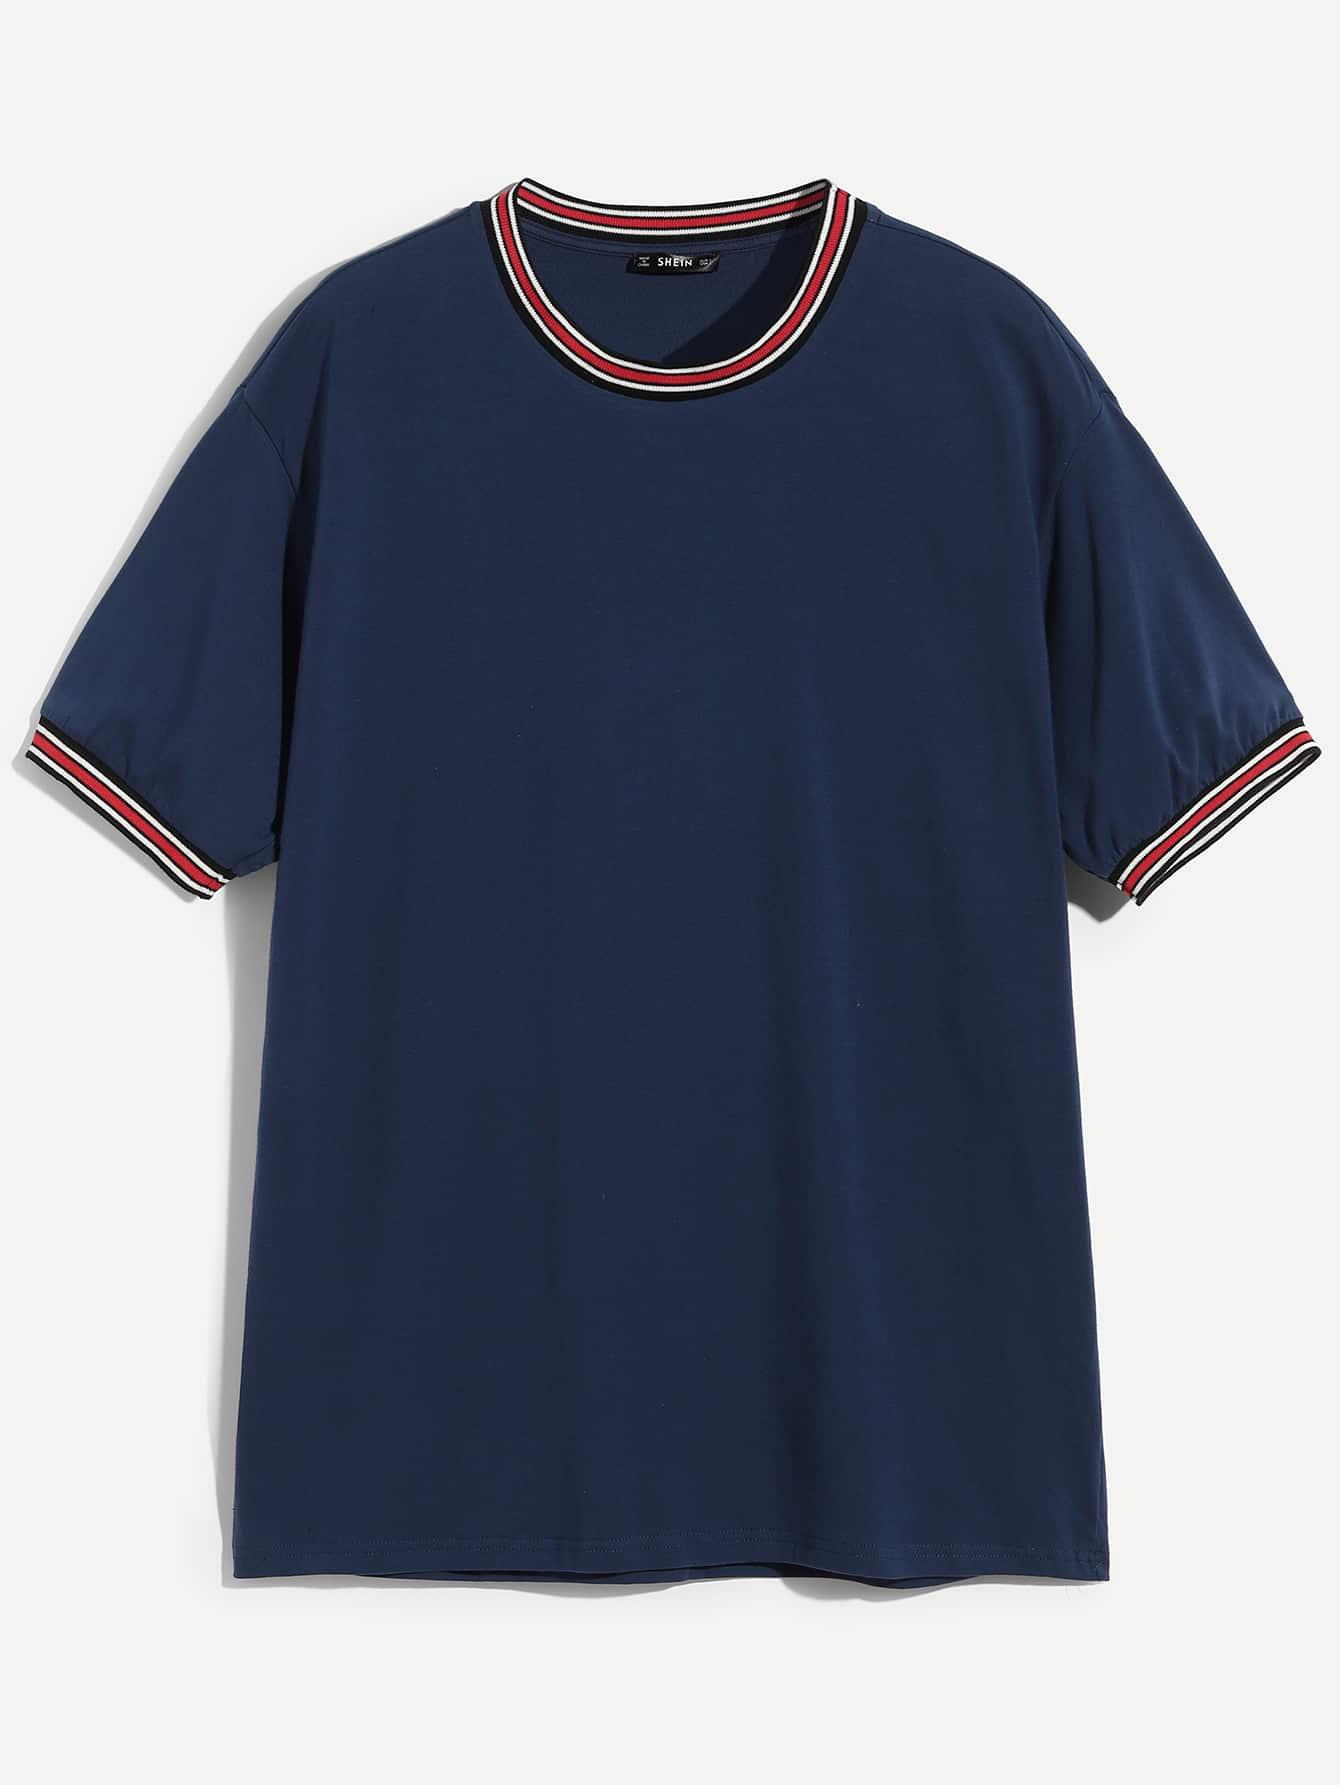 Купить Однотонная футболка с полосатым низом для мужчин, null, SheIn